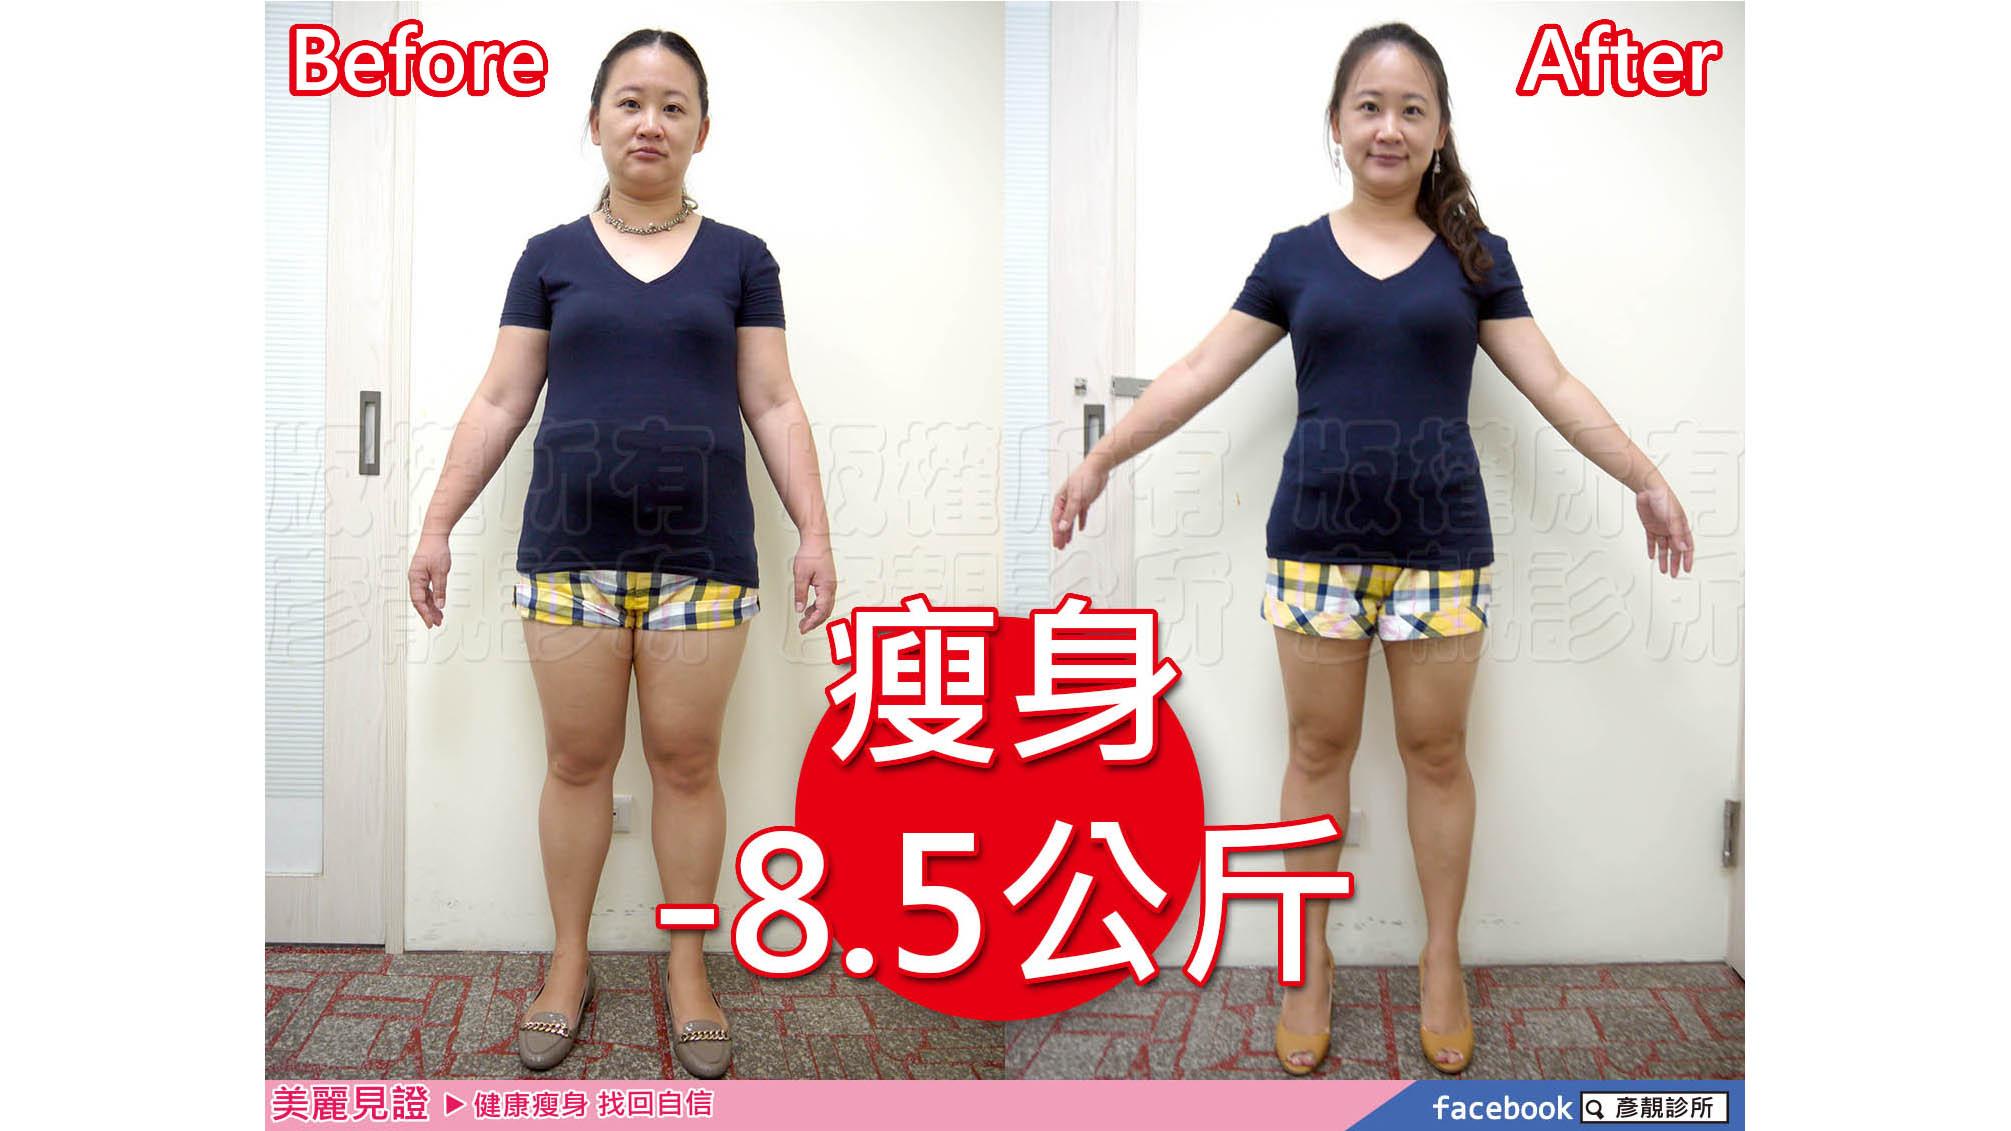 【減重瘦身】部落客小愛媽減重分享-輕鬆減肥心法